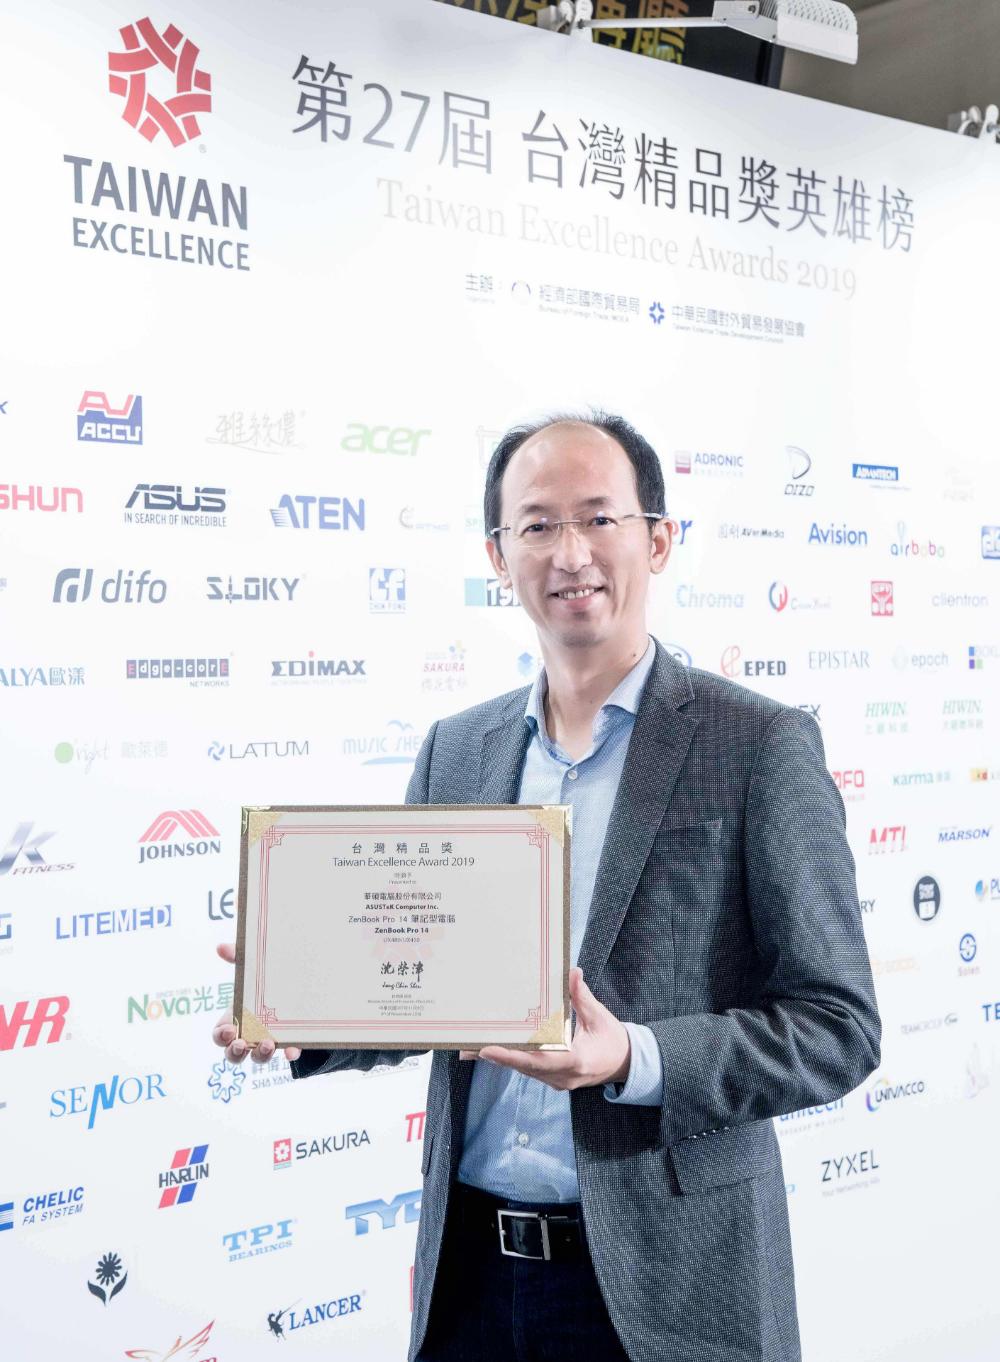 華碩獲頒22項台灣精品獎 連續17年得獎數居冠